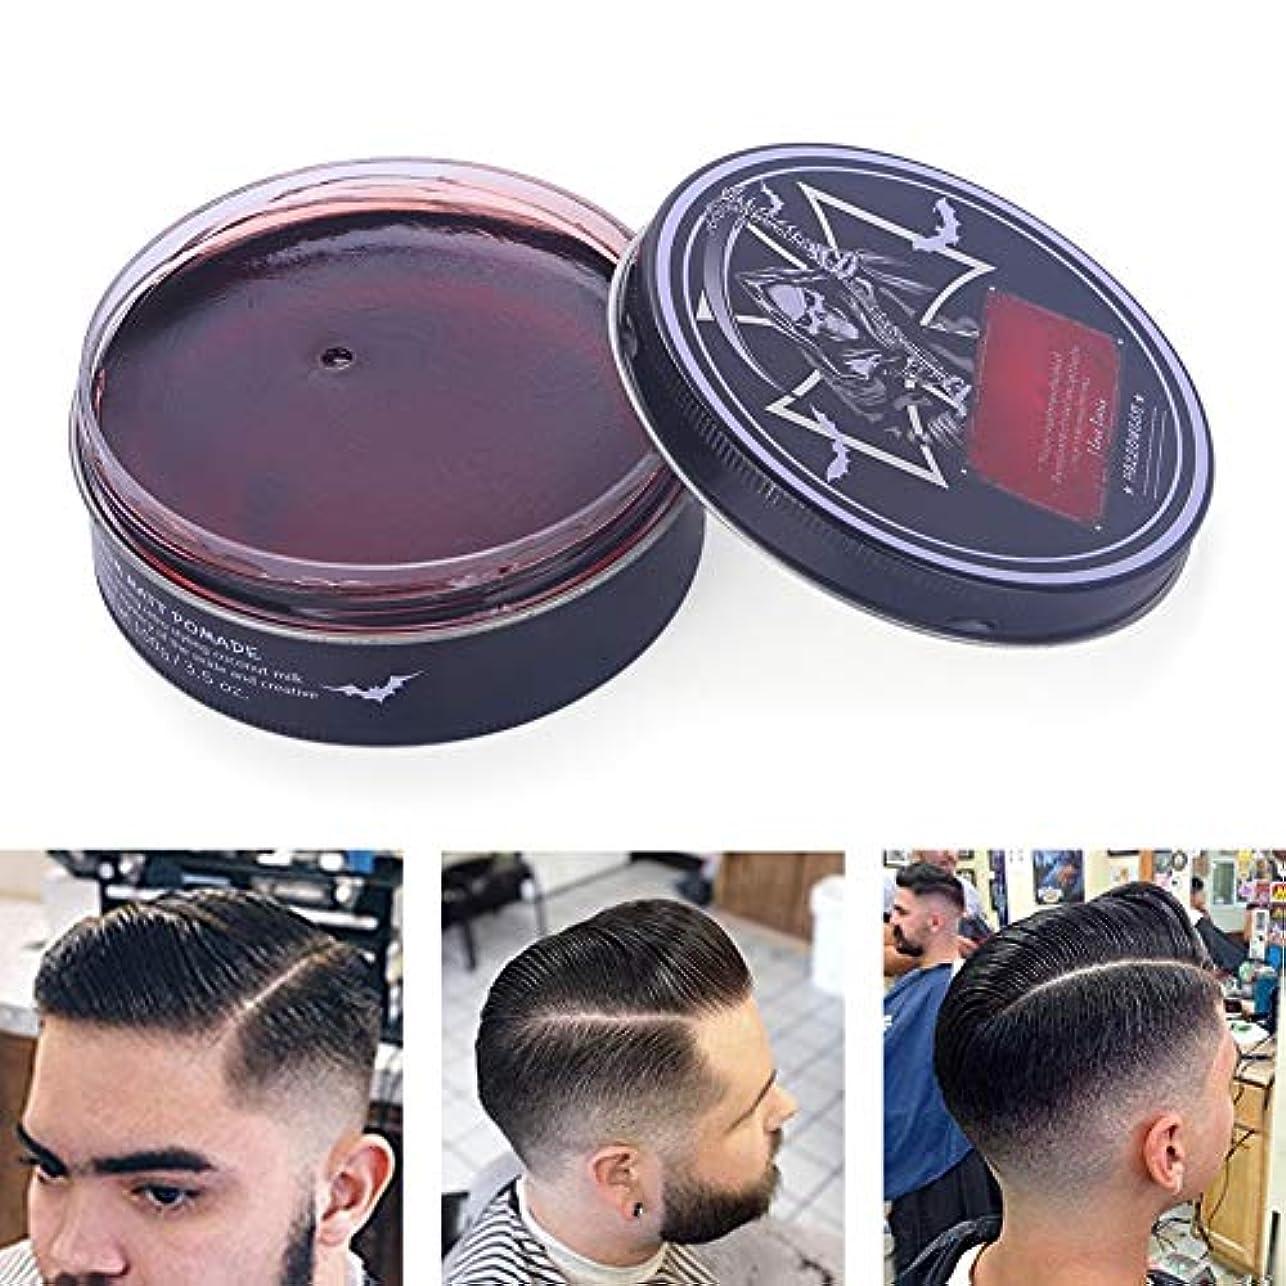 示す石の慈悲深いプロのヘアスタイリング100ミリリットルを設計するための男性のためのヘアスタイリングワックス、ナチュラルおよび有機成分ヘアスタイリング粘土